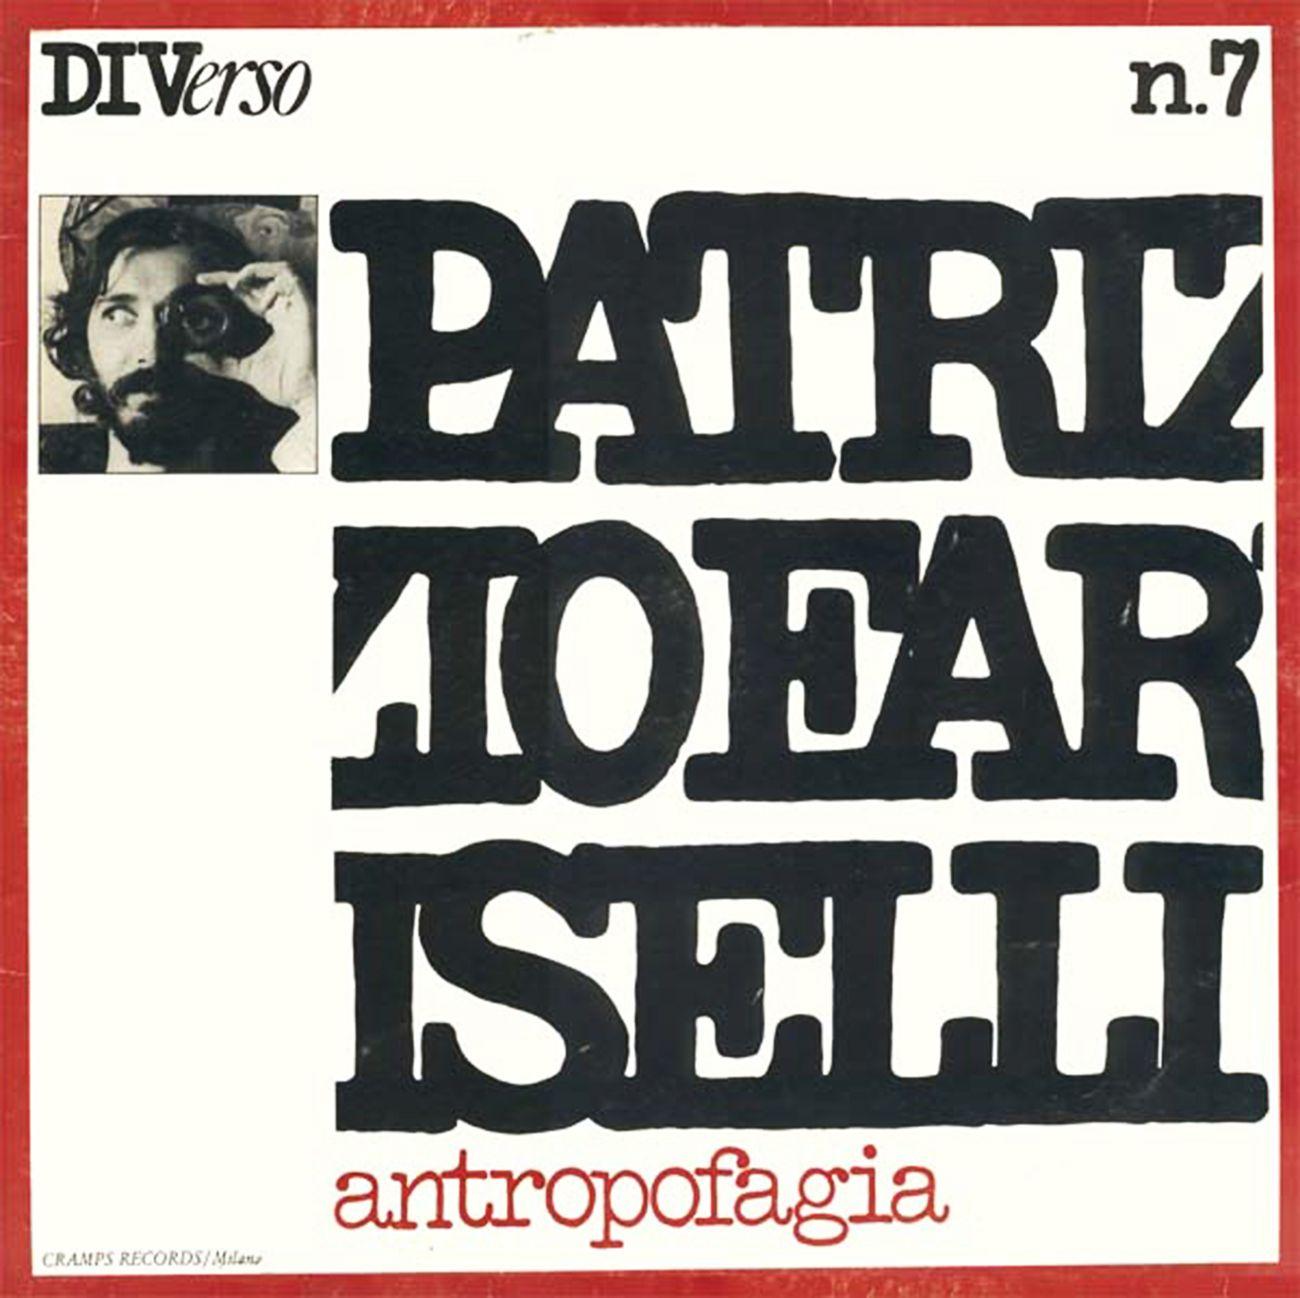 Patrizio Fariselli, Antropofagia, Cramps Records (1977)